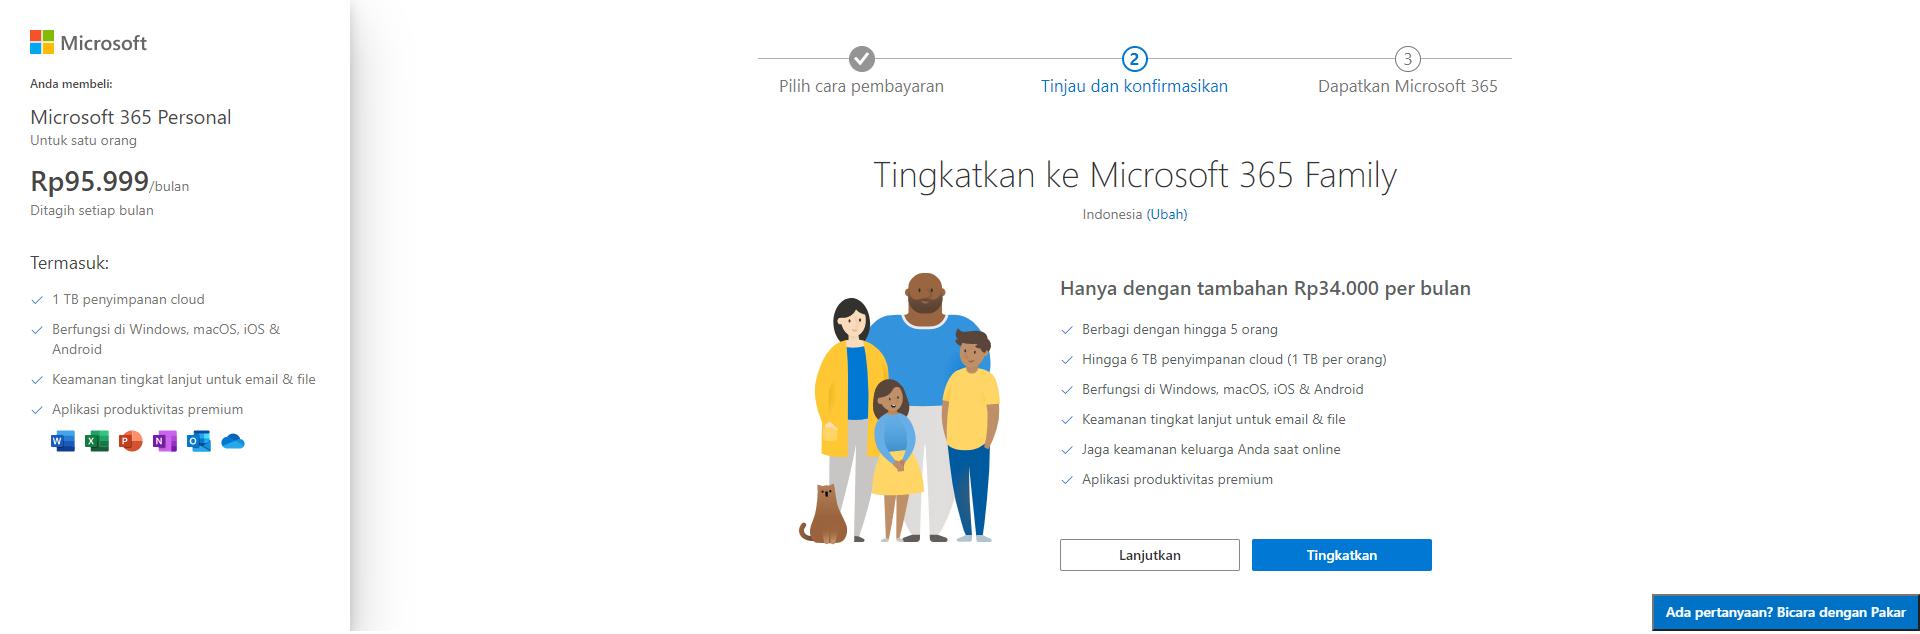 Pengalaman dan Cara Langganan Microsoft Office 365